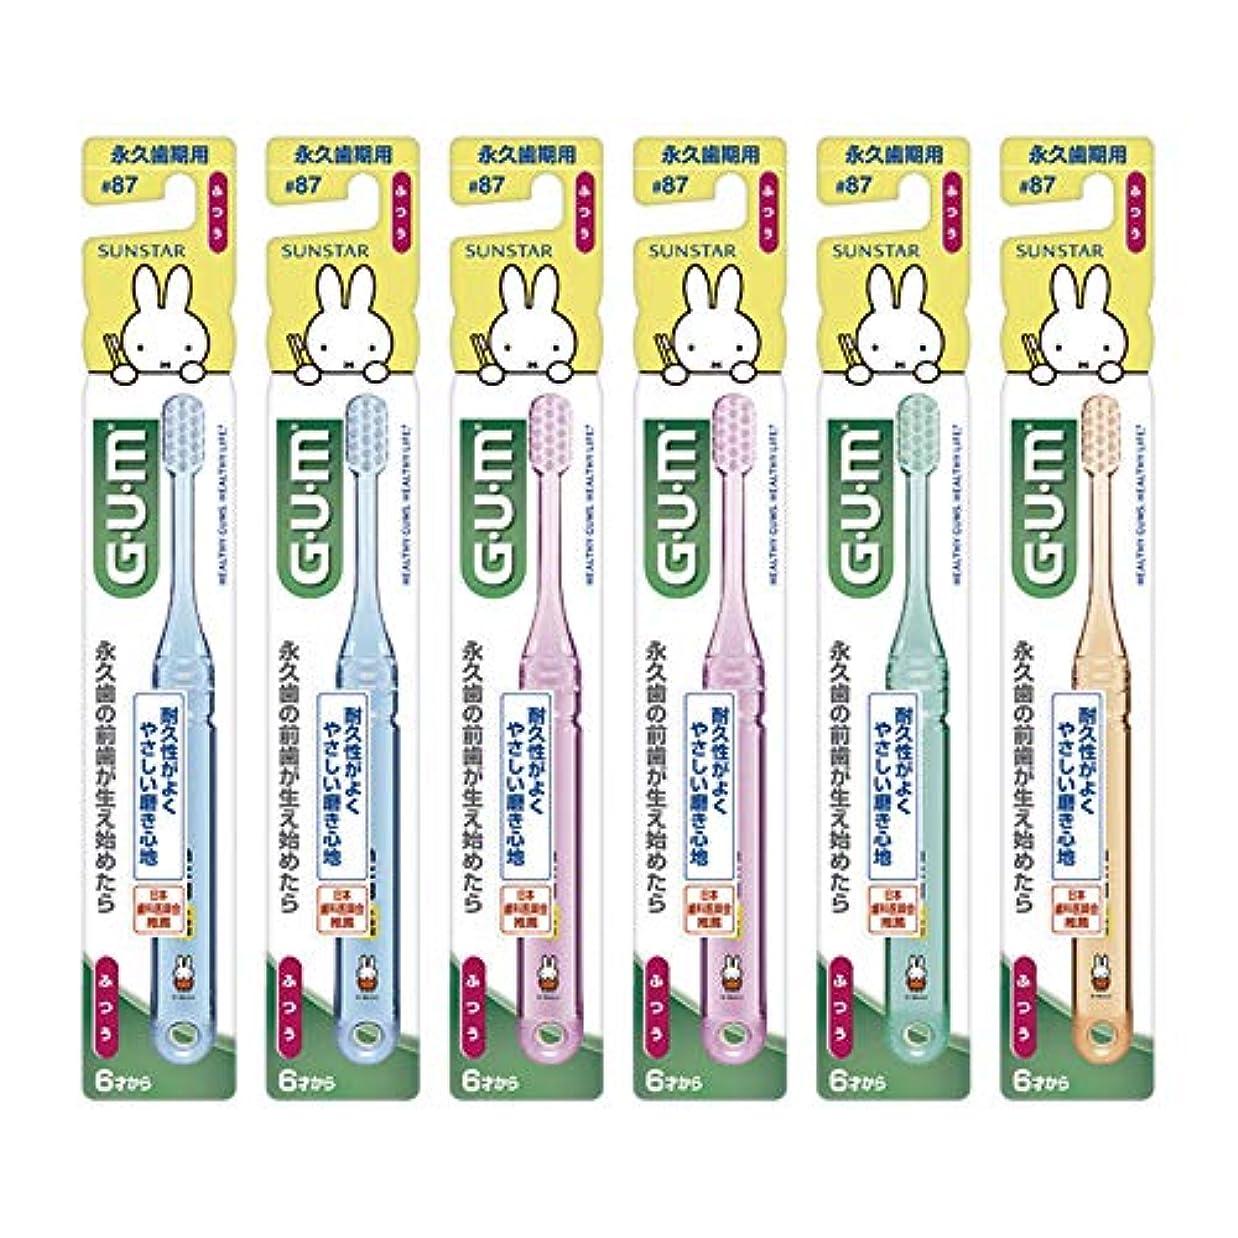 モニターソーセージ遊び場GUM(ガム) デンタル こども 歯ブラシ #87 [永久歯期用/ふつう] 6本パック+ おまけつき【Amazon.co.jp限定】